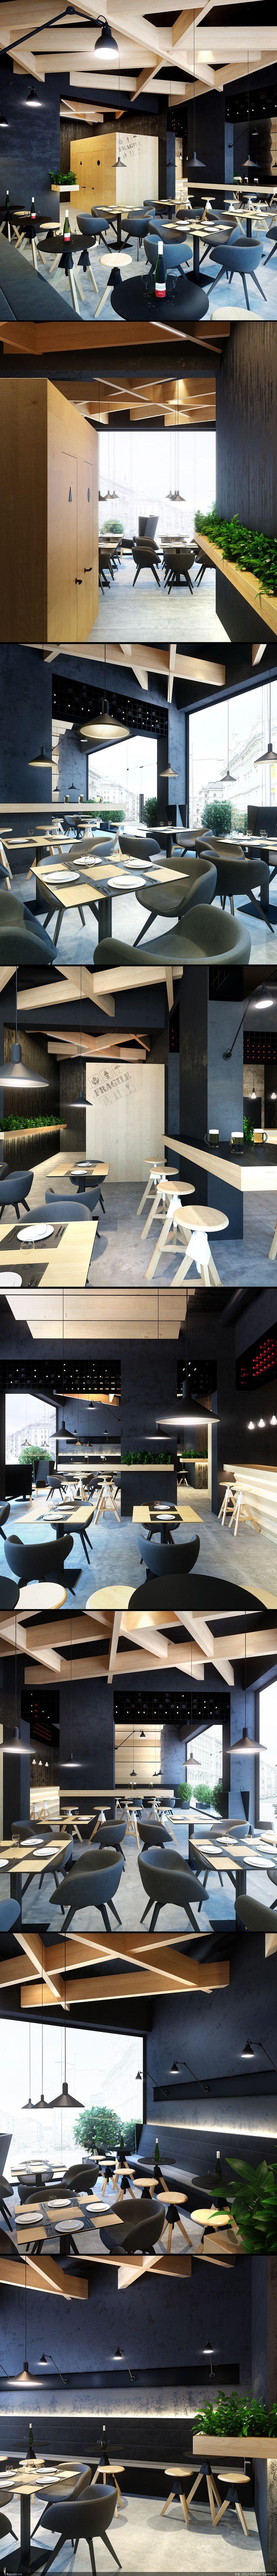 RENDER.RU -> Интерьер -> Bristol кафе - бар